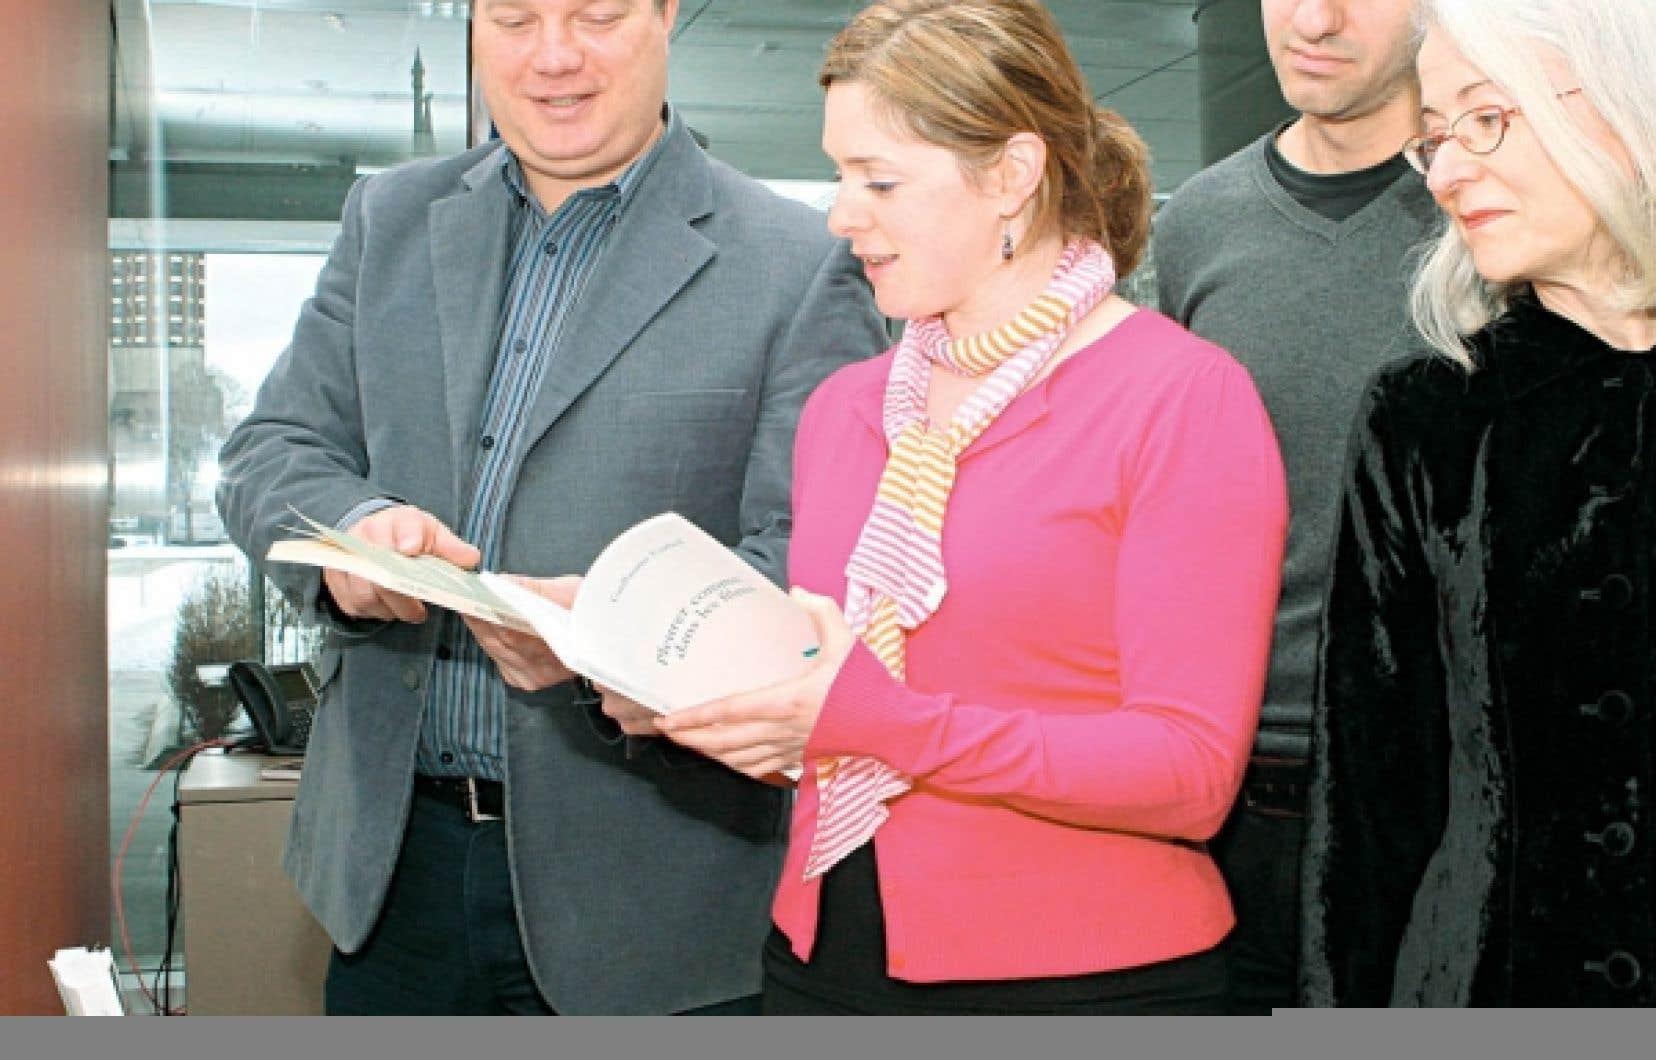 Martin Gagnon, président du comité de sélection, Catherine Trudeau, porte-parole de l'événement, Nicolas Chalifour et Martine Desjardins étaient présents lors du dévoilement, hier.